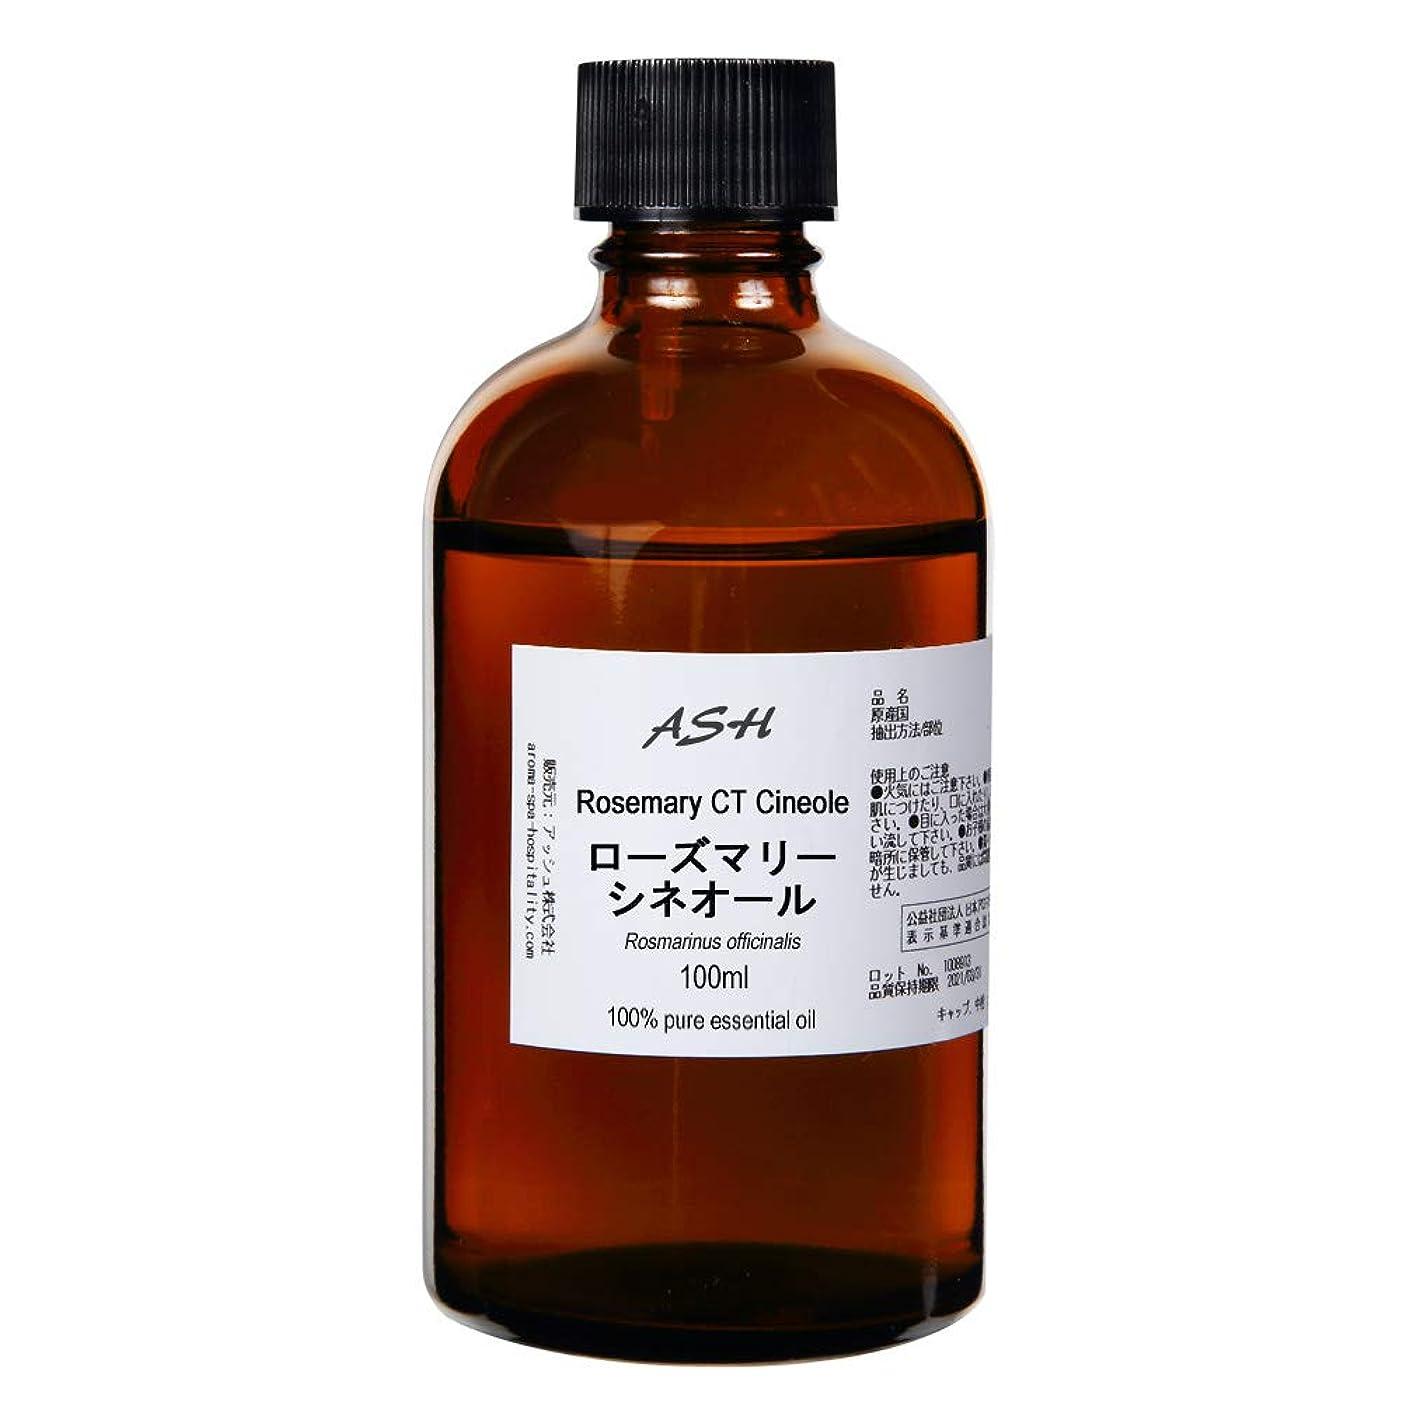 探偵リンク作りますASH ローズマリー (CTシネオール) エッセンシャルオイル 100ml AEAJ表示基準適合認定精油